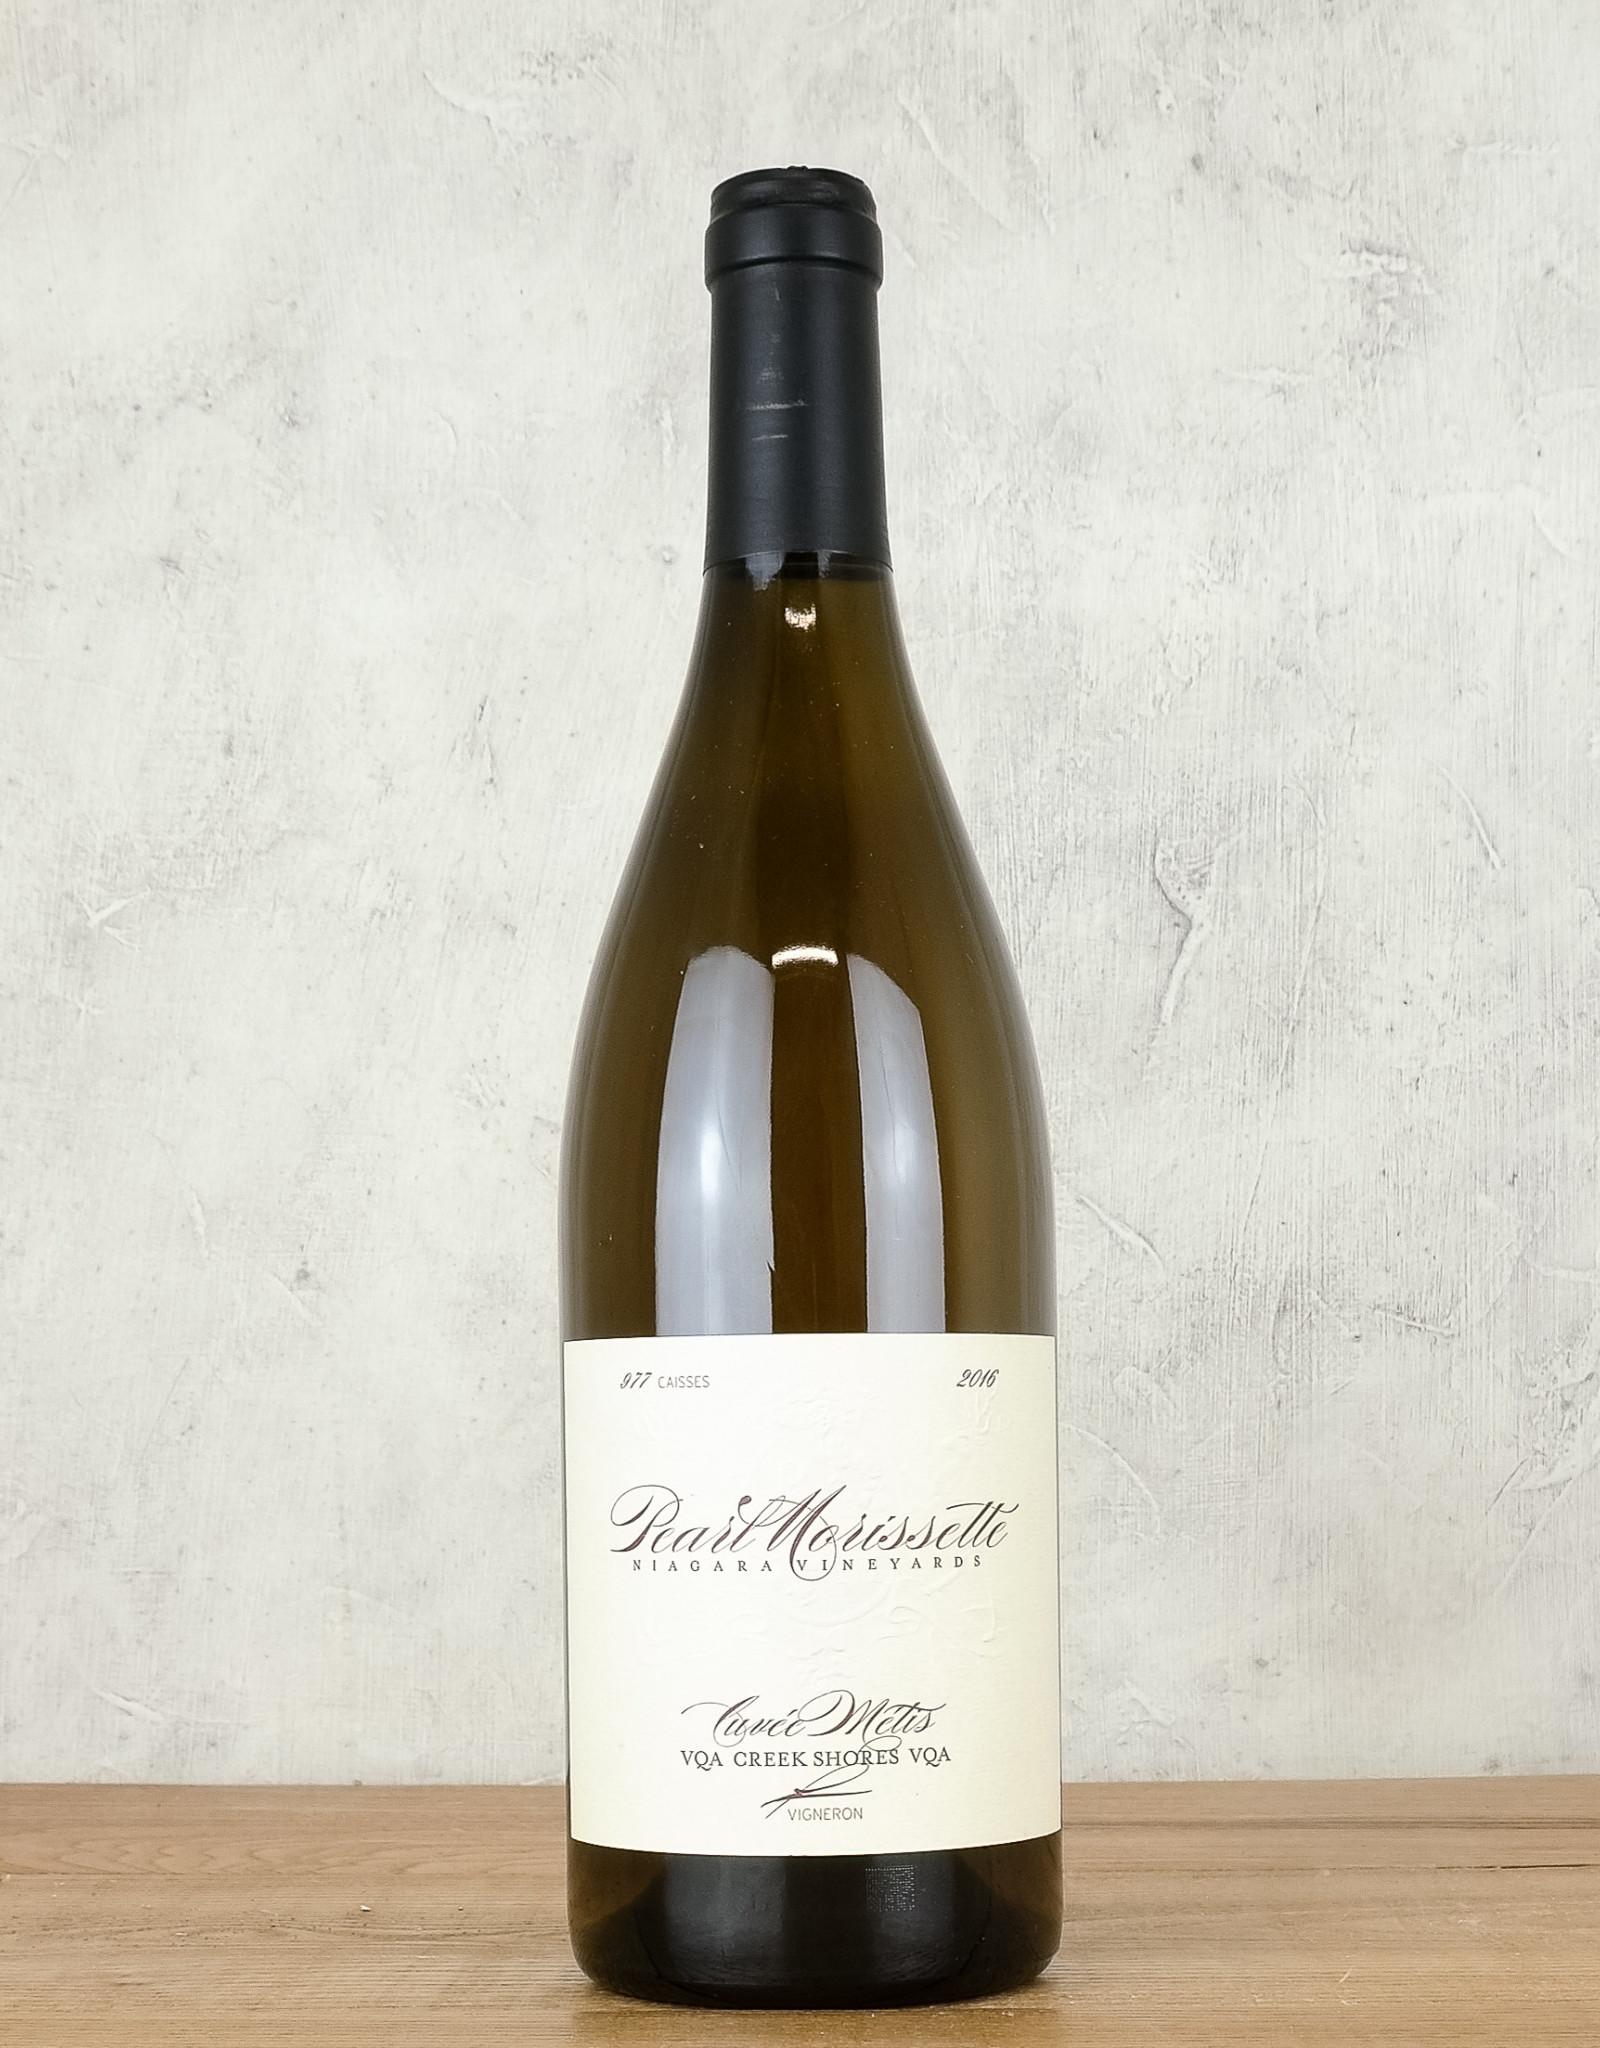 Pearl Morissette Chardonnay Cuvee Metis